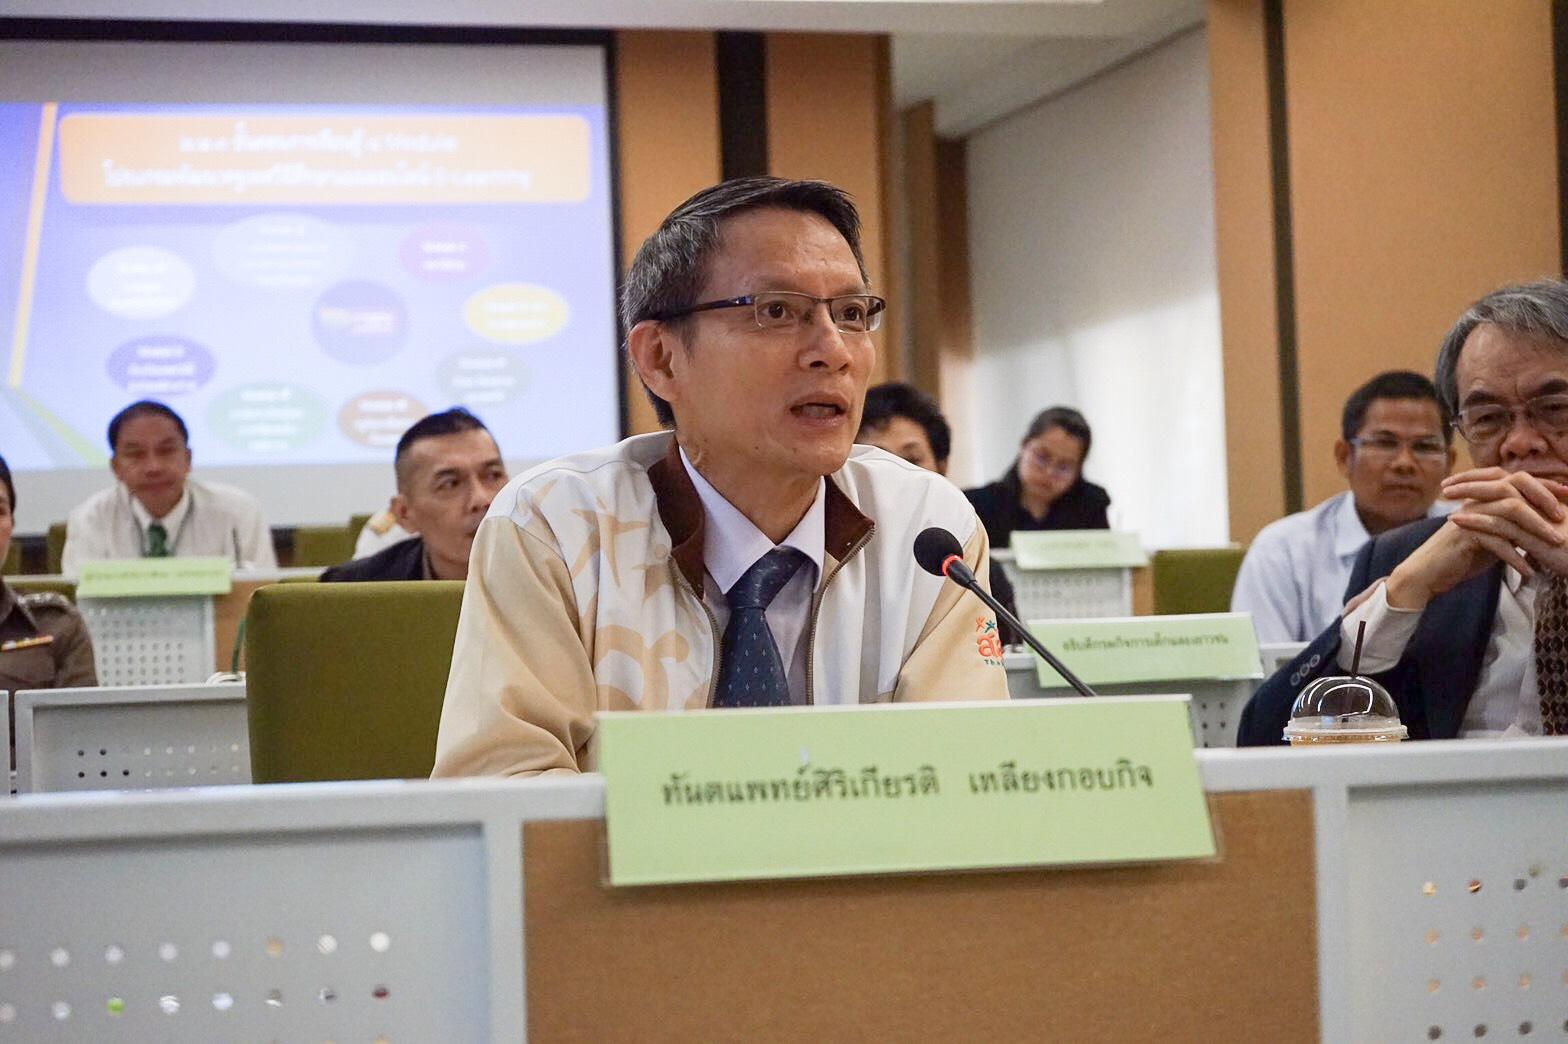 สพฐ.เร่งสอนเพศวิถีสกัดเด็กท้องในวัยเรียน thaihealth